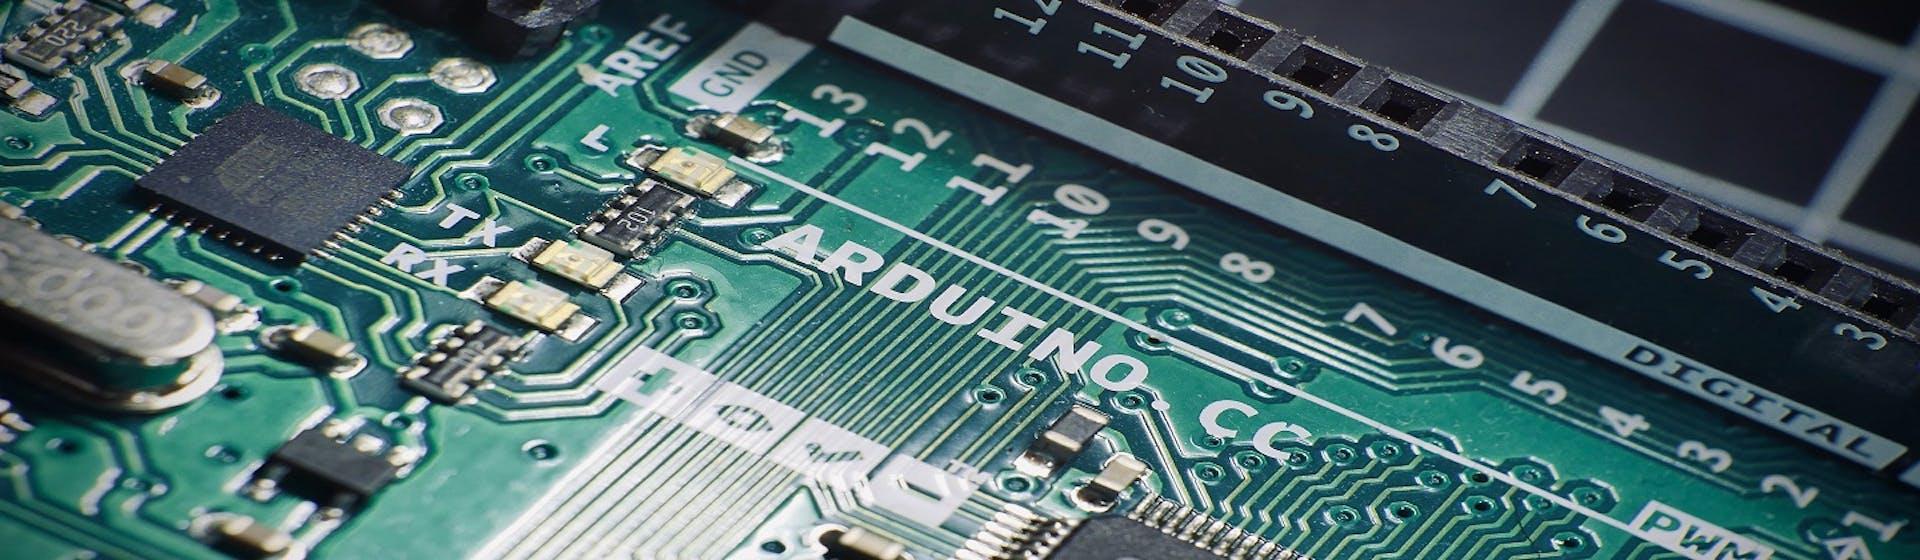 ¿Qué es Arduino?:¡Optimiza las tareas más simples con esta herramienta!